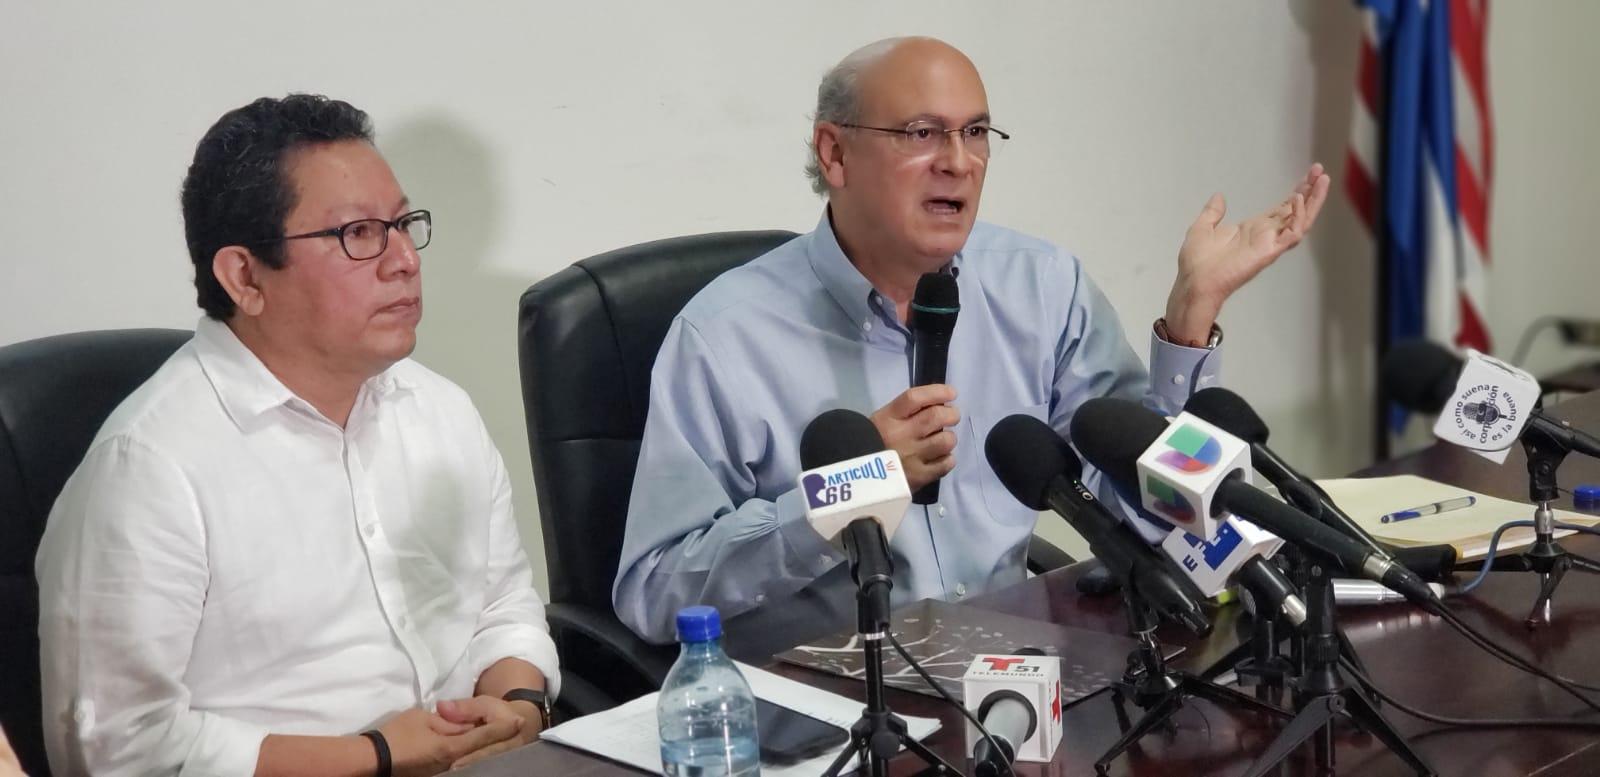 Miguel Mora y Carlos Fernando Chamorro, directores de 100% Noticias y Confidencial. Foto: G. Shiffman/Artículo 66